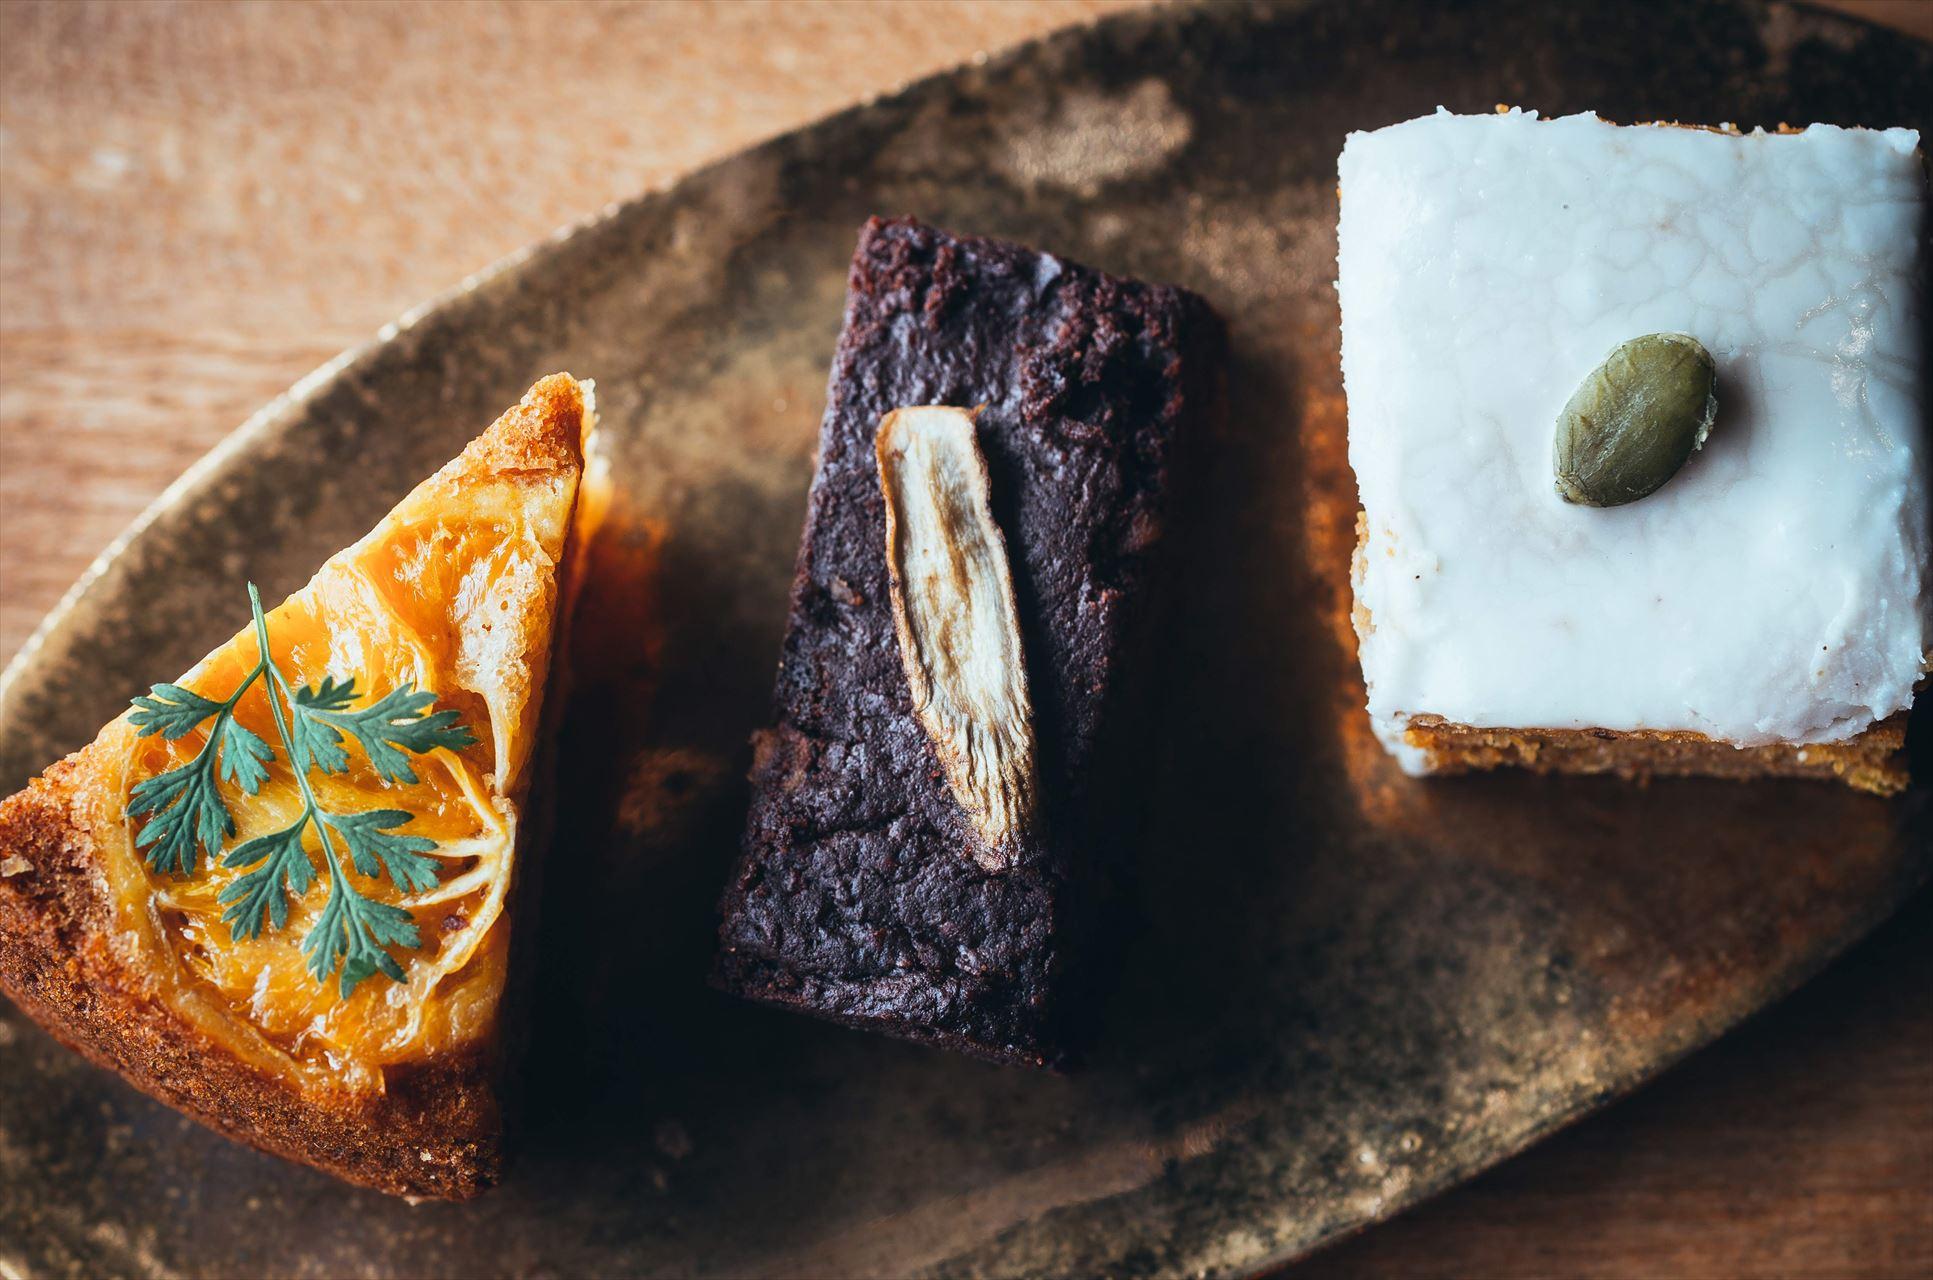 天然素材と季節の手作りケーキ